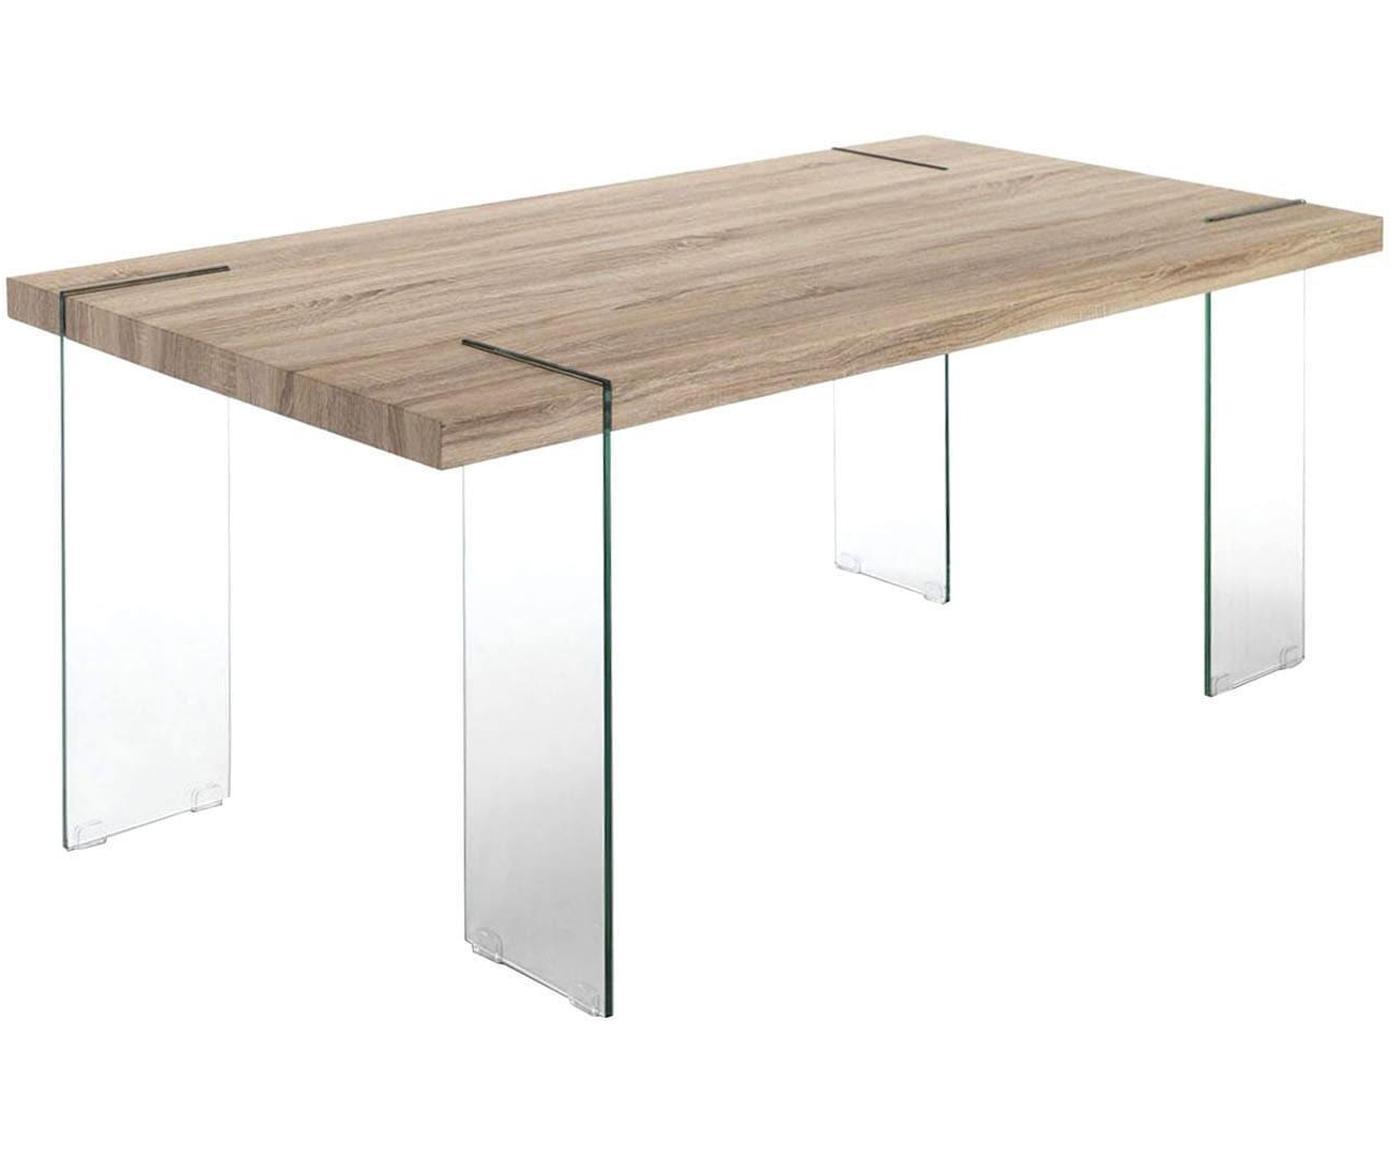 Mesa de comedor de madera de roble Waver, Vidrio templado Tablero de fibras de densidad media (MDF) chapado en madera de roble, Transparente, beige, An 180 x Al 75 cm